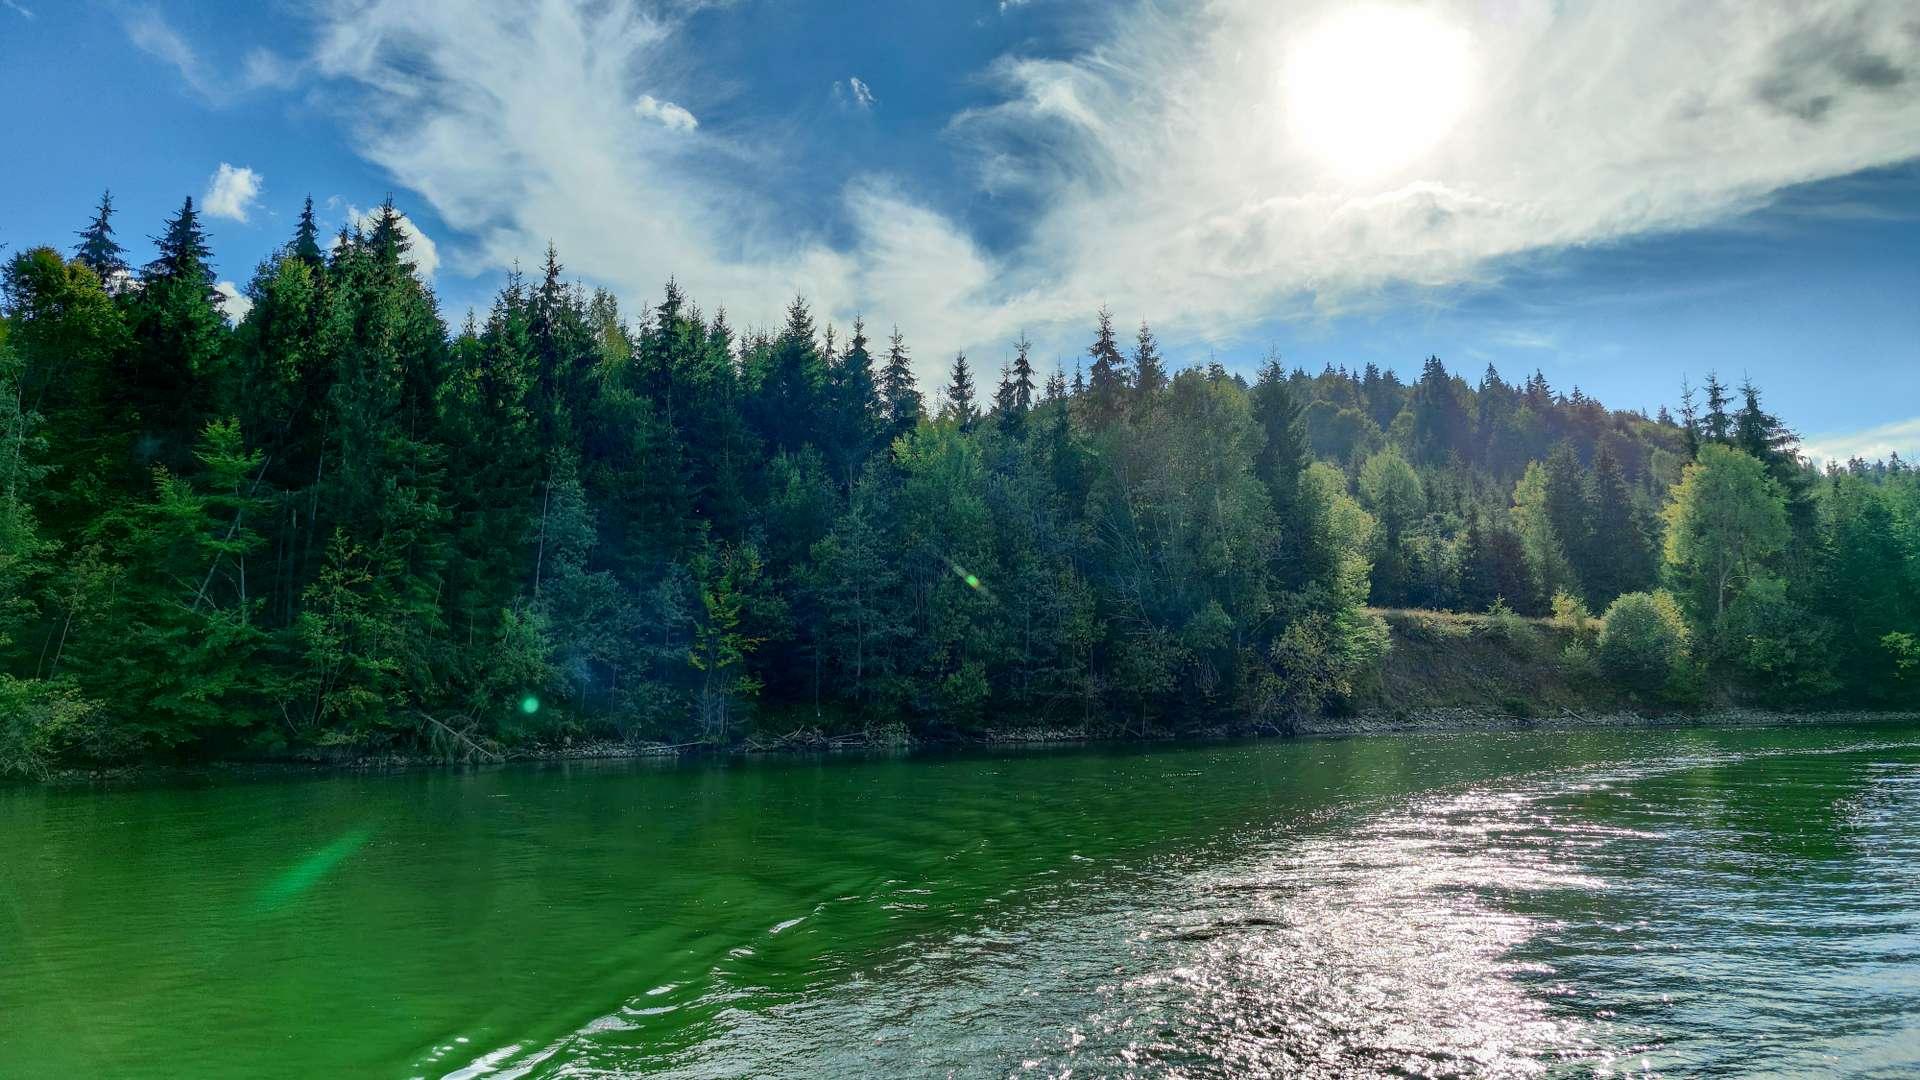 poza de pe lac cu lumina lacului